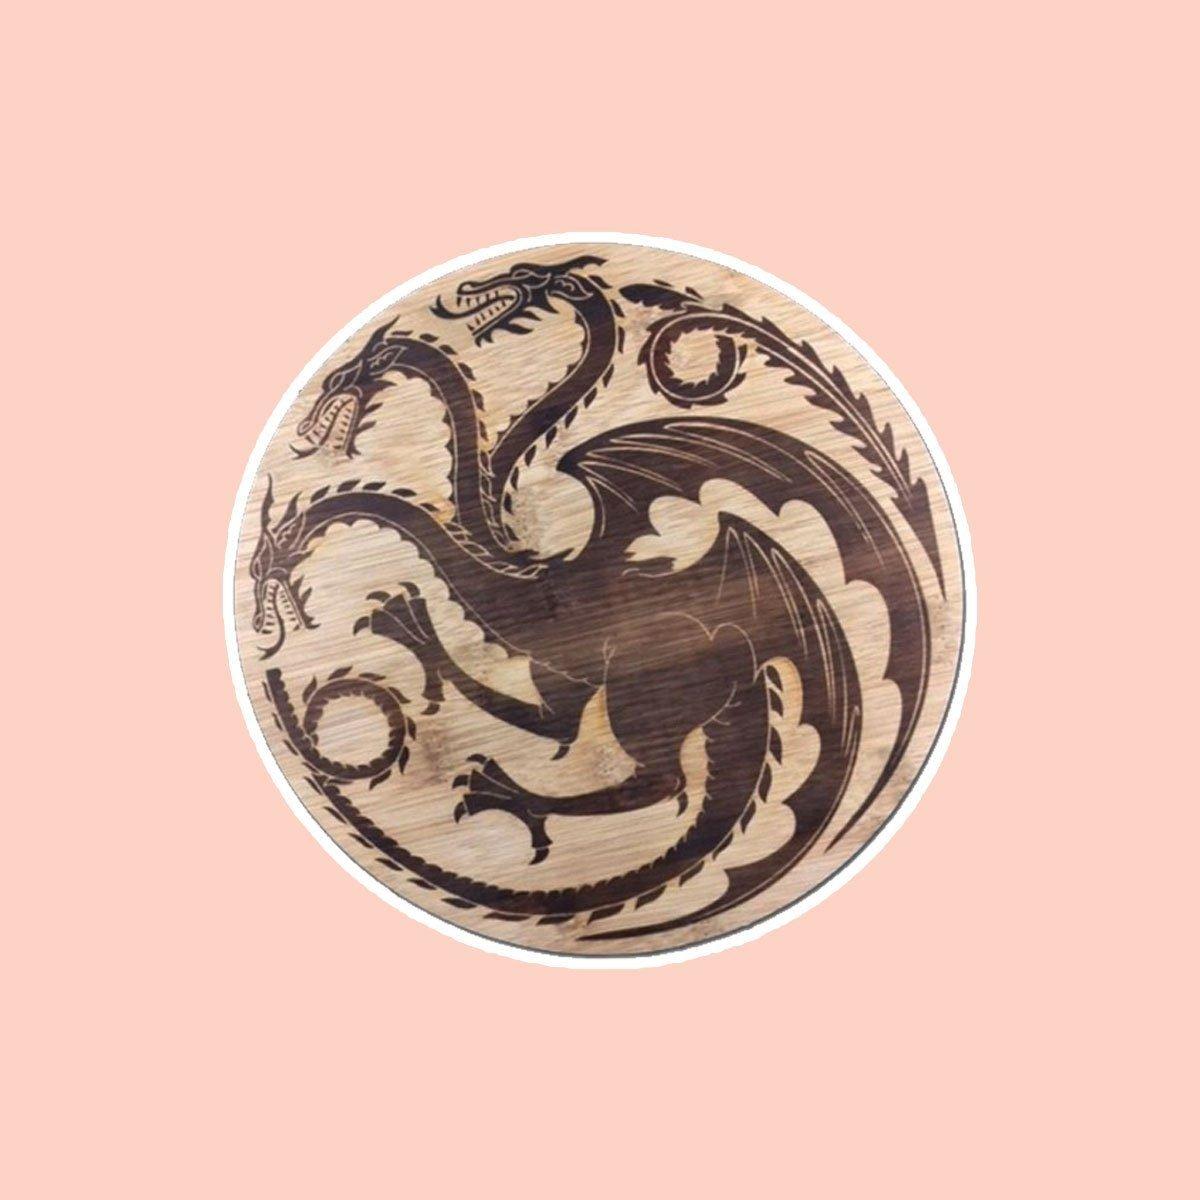 Targaryen Dragon Sigil Cutting Board